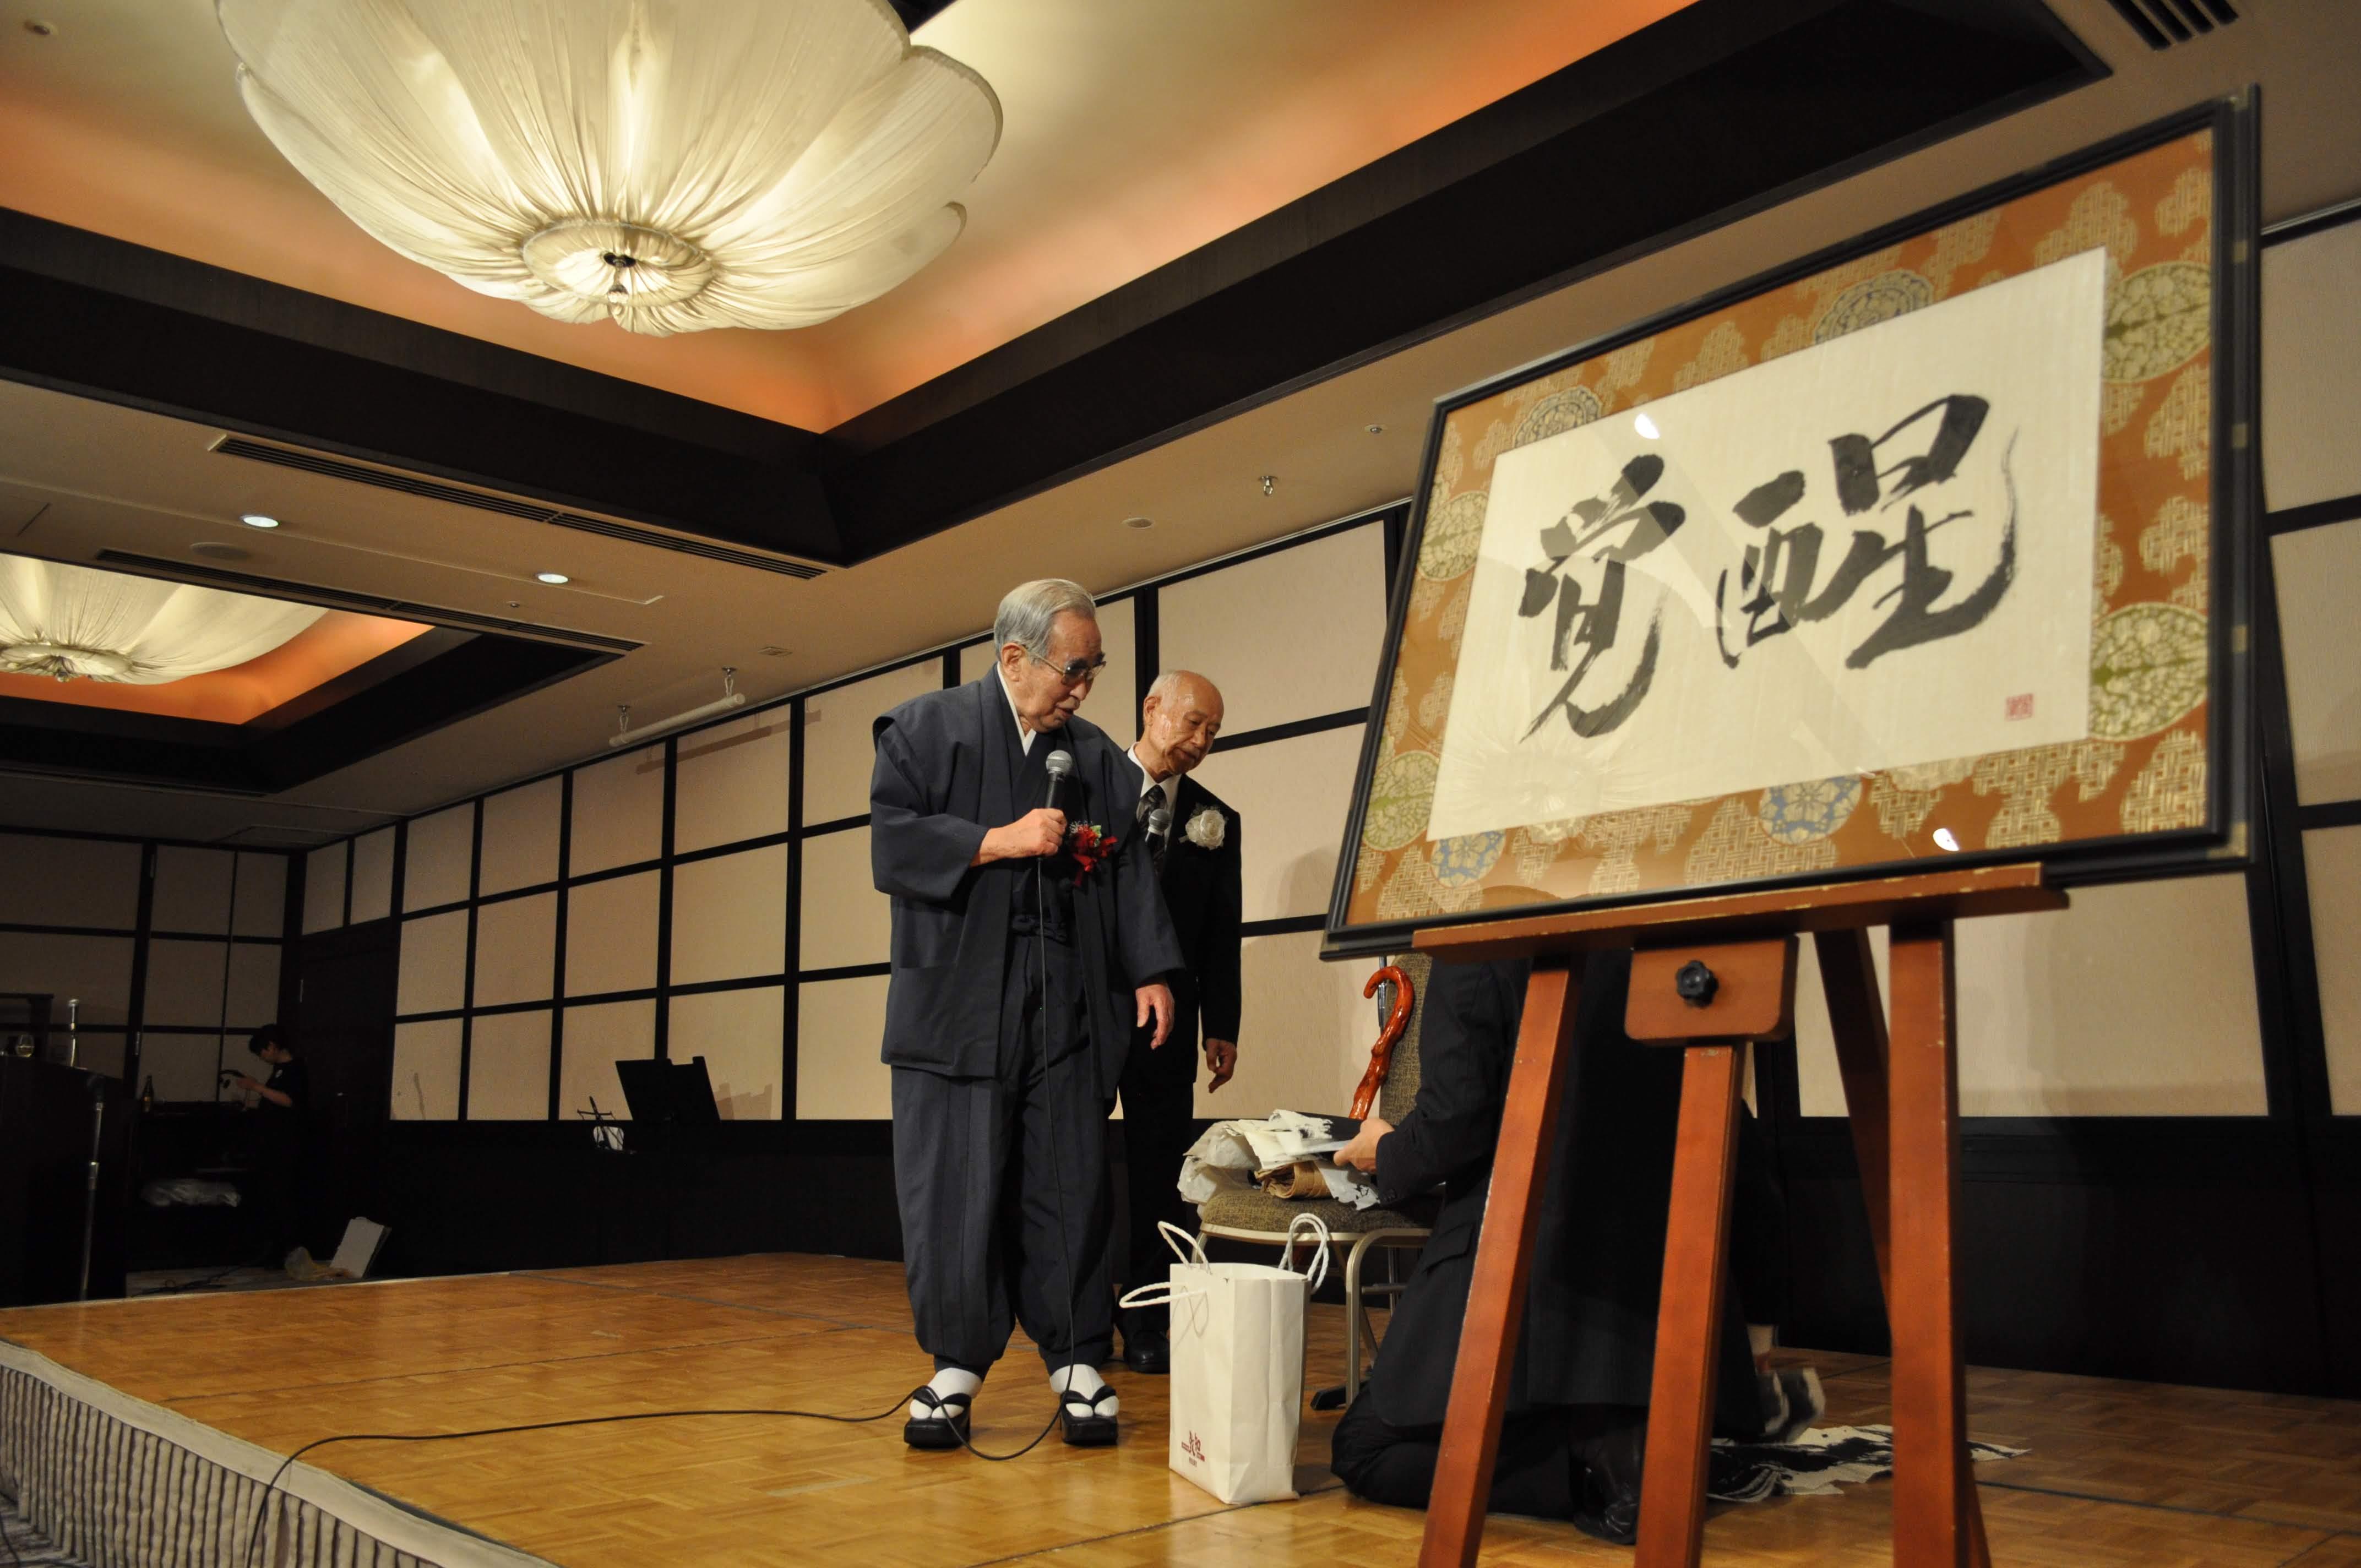 DSC 0538 1 - 思風会全国大会in広島